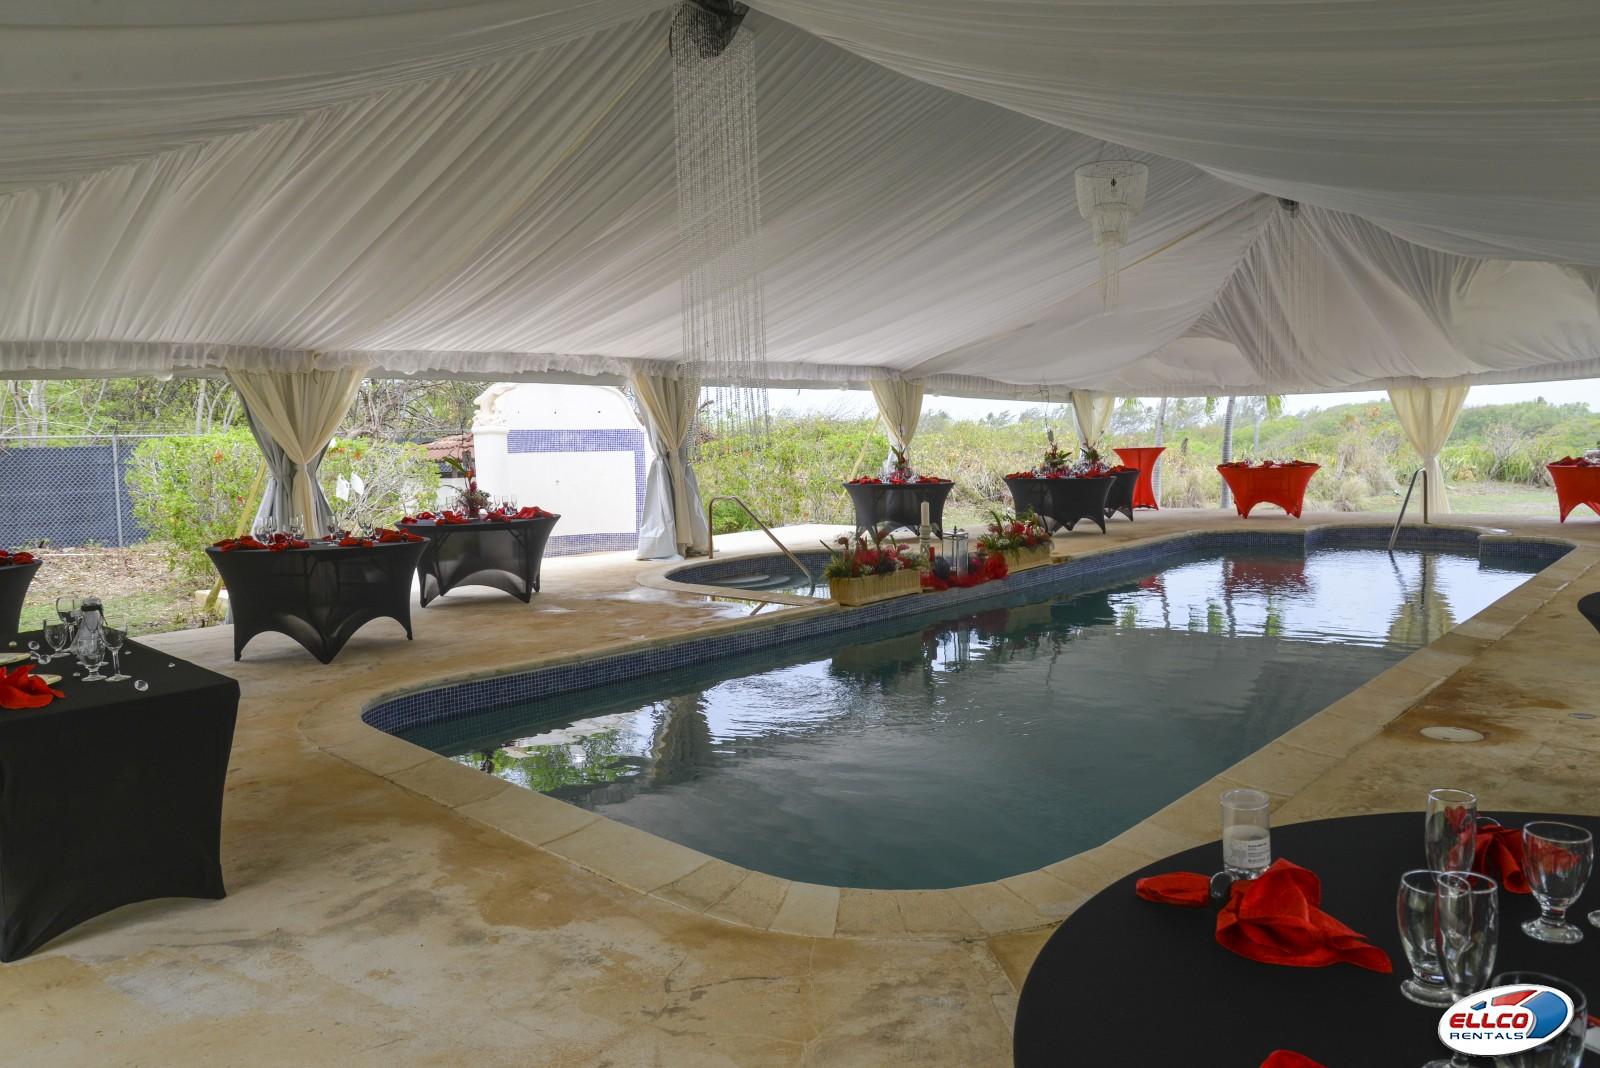 Wedding_tent_over_pool